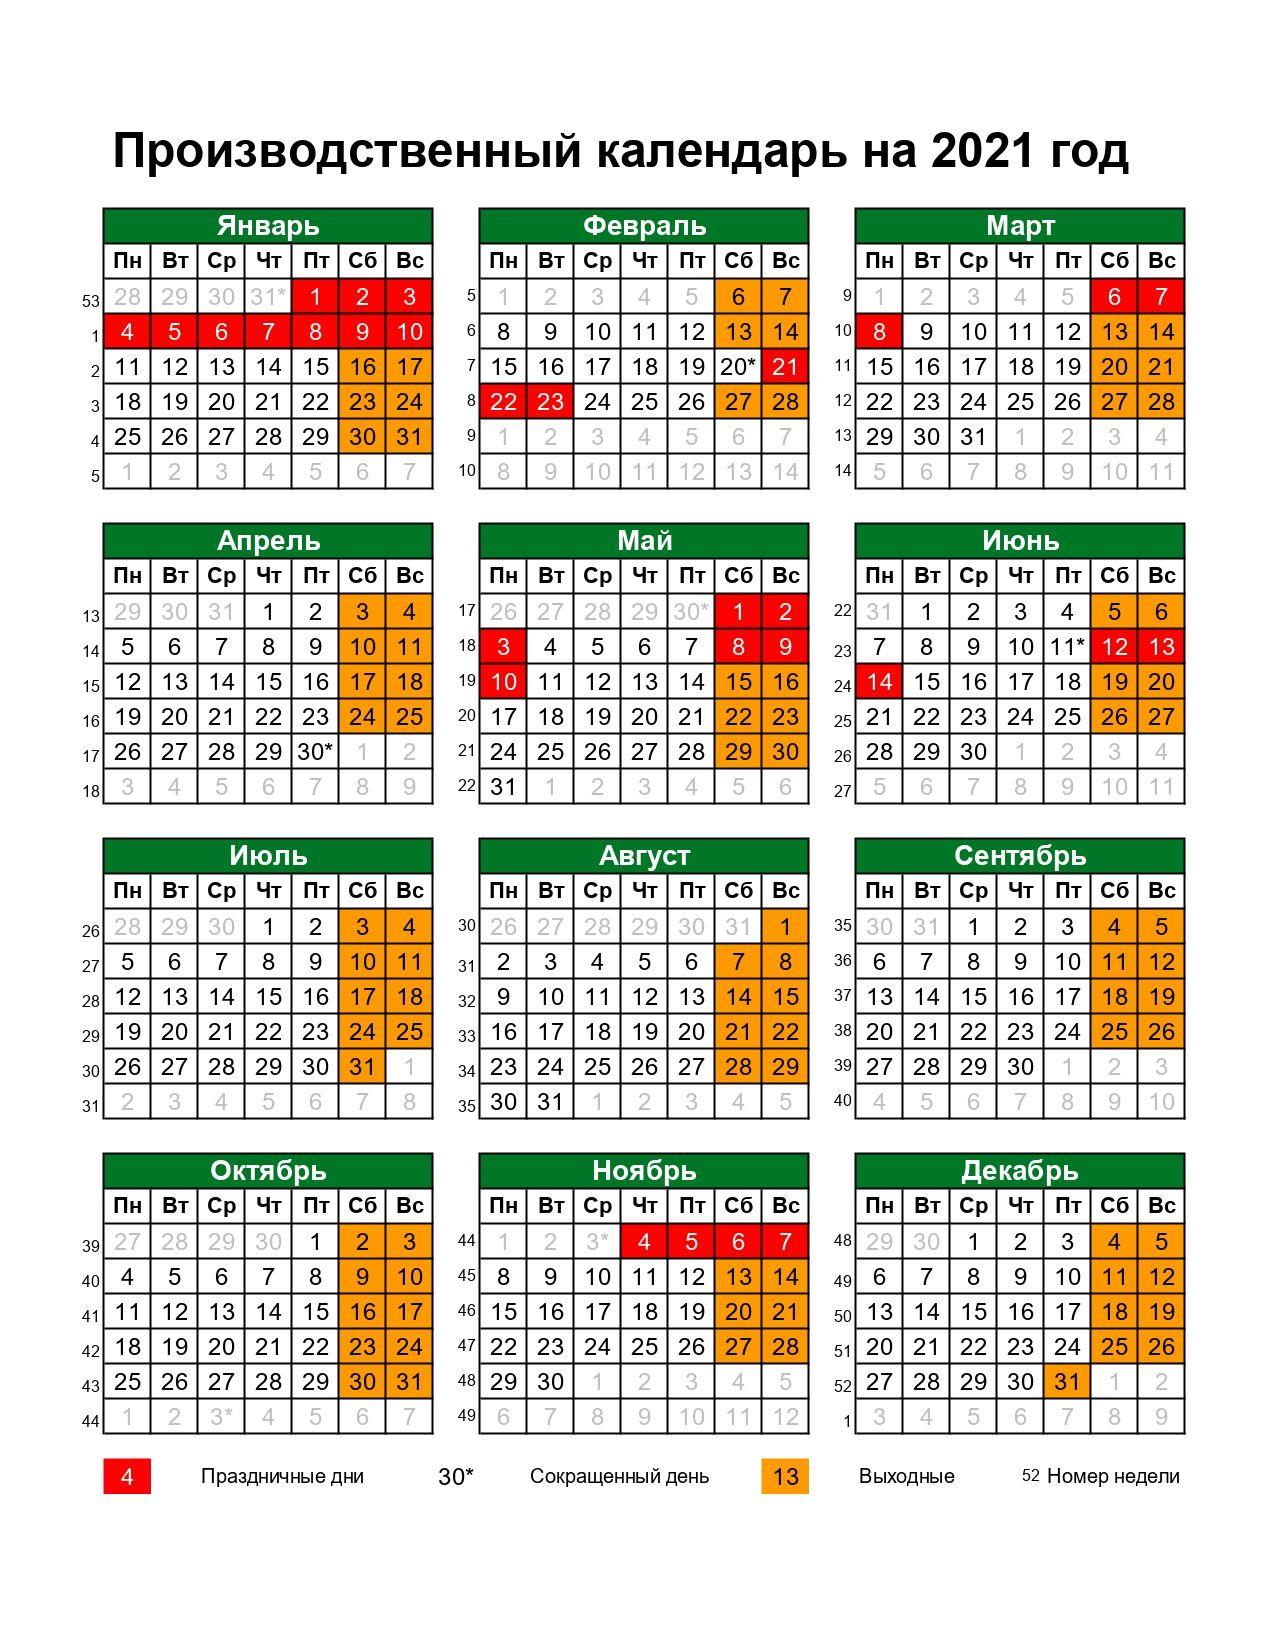 Календарь праздников в России на 2021 год